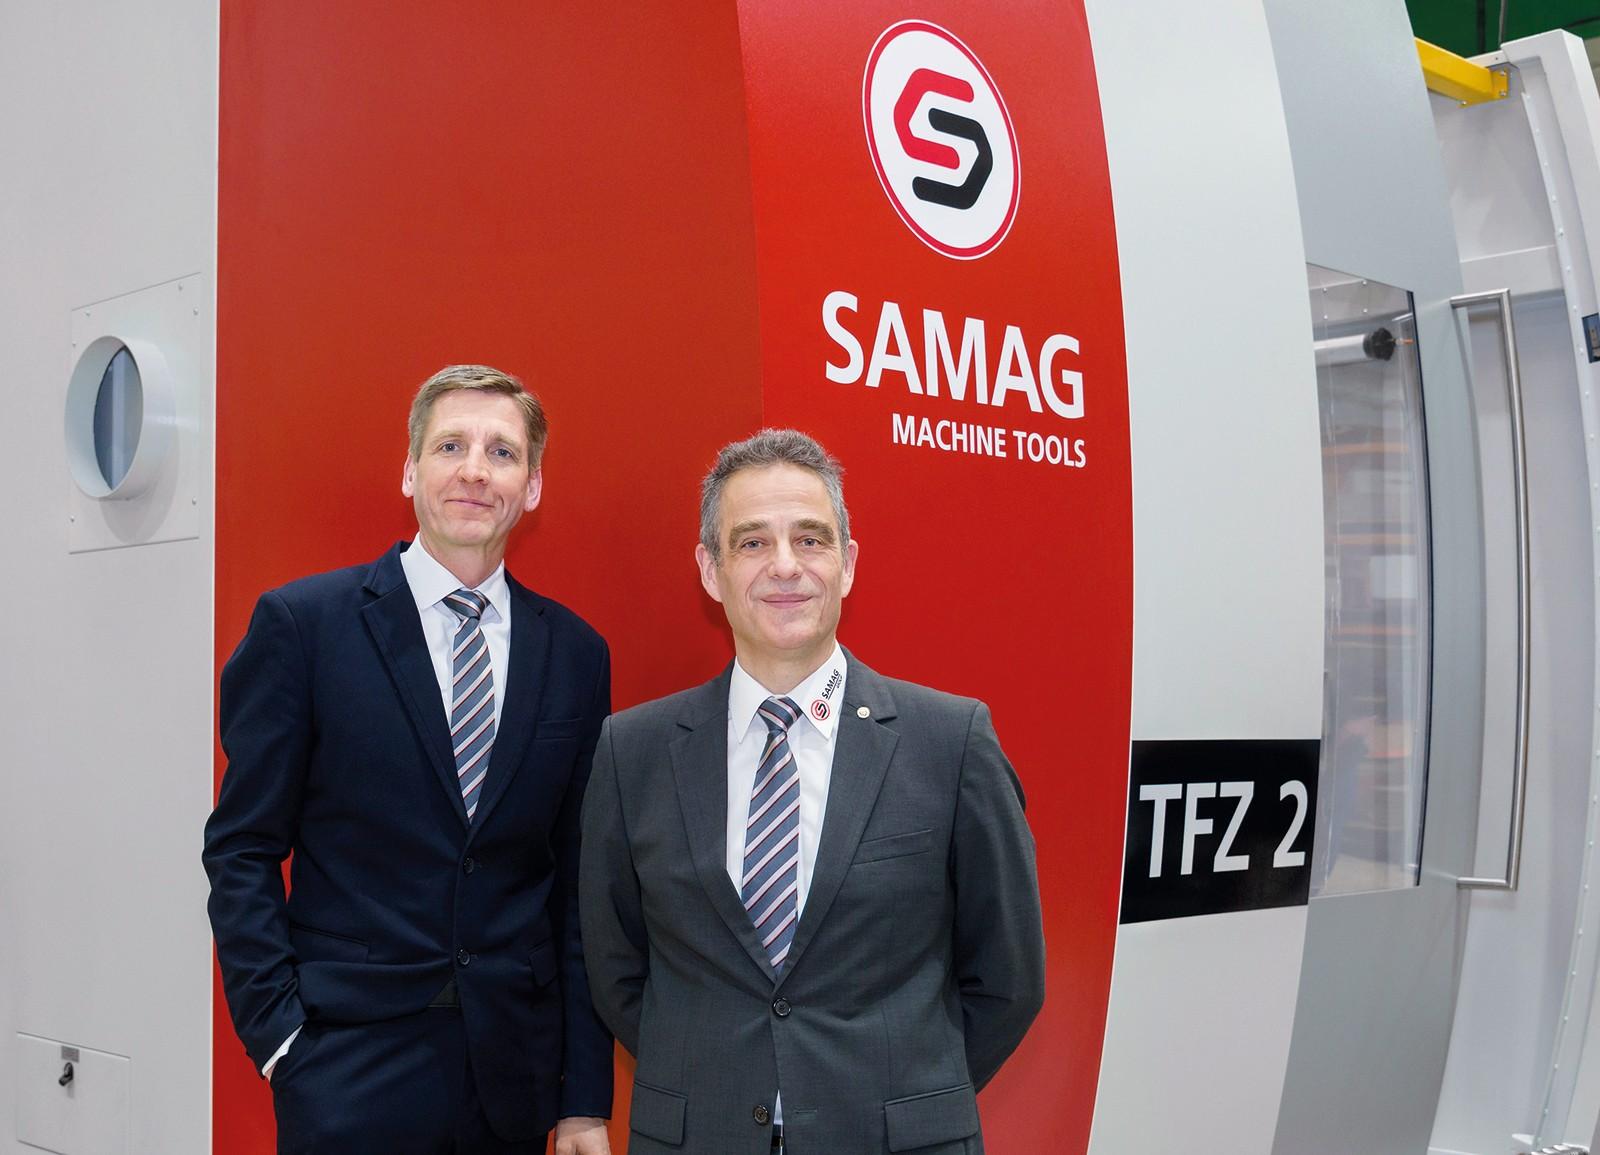 Gemeinsam mit Roland L. Emig (rechts im Bild) wird Christian Kleinjung die Weiterentwicklung der Samag Group aktiv begleiten.